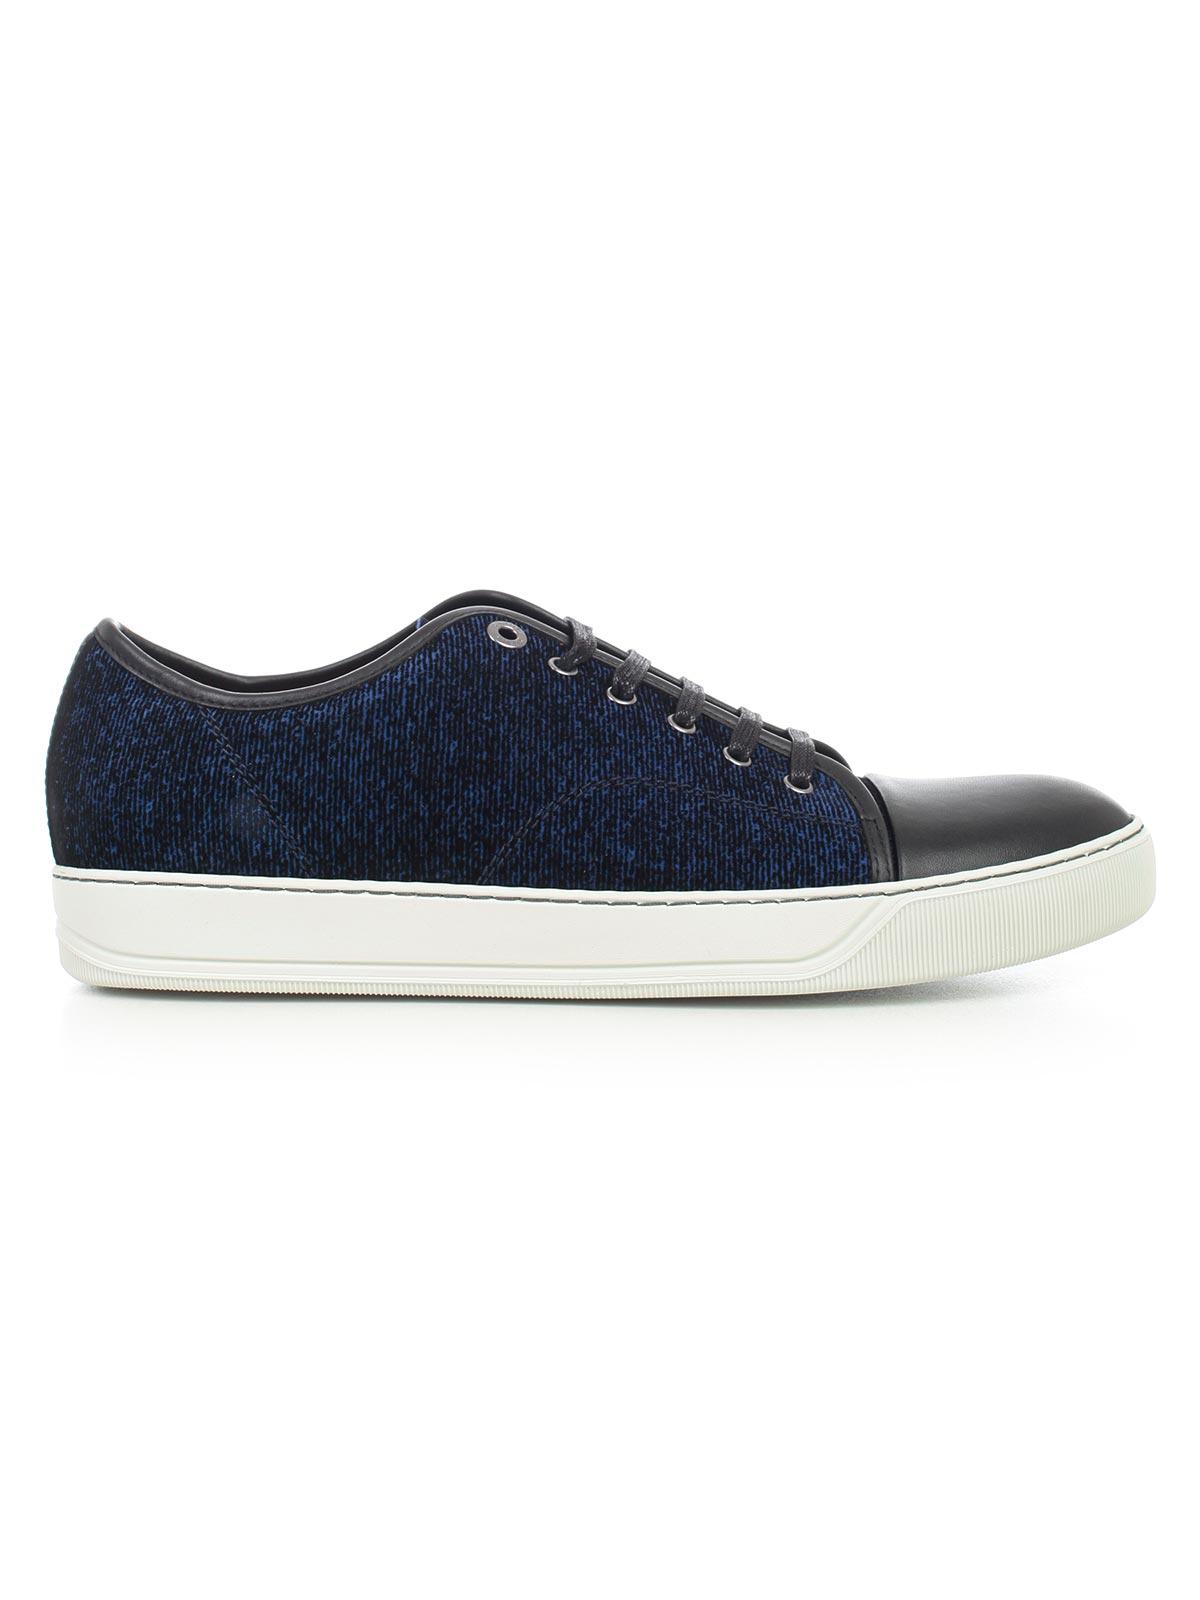 Lanvin Shoes FMSKDBB1.BITOA19 - 20 BLUE